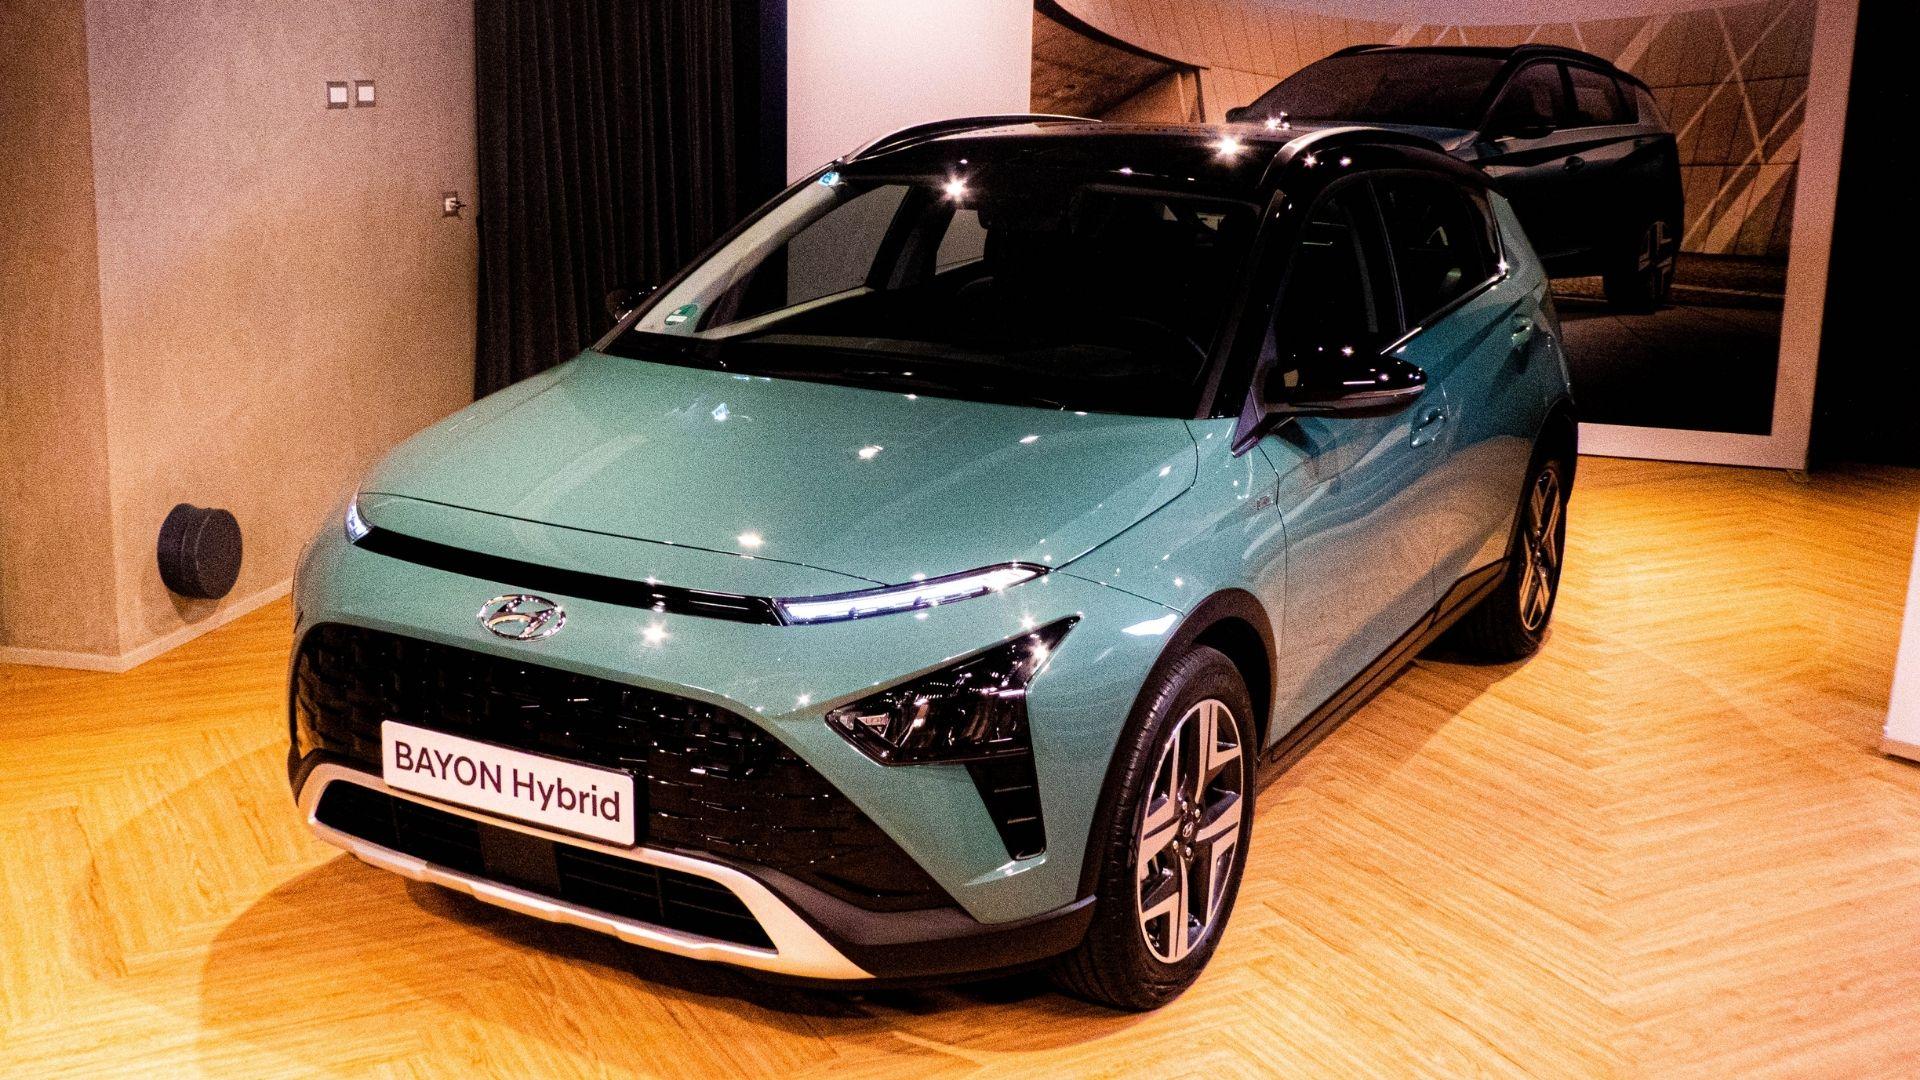 Hyundai-Bayon